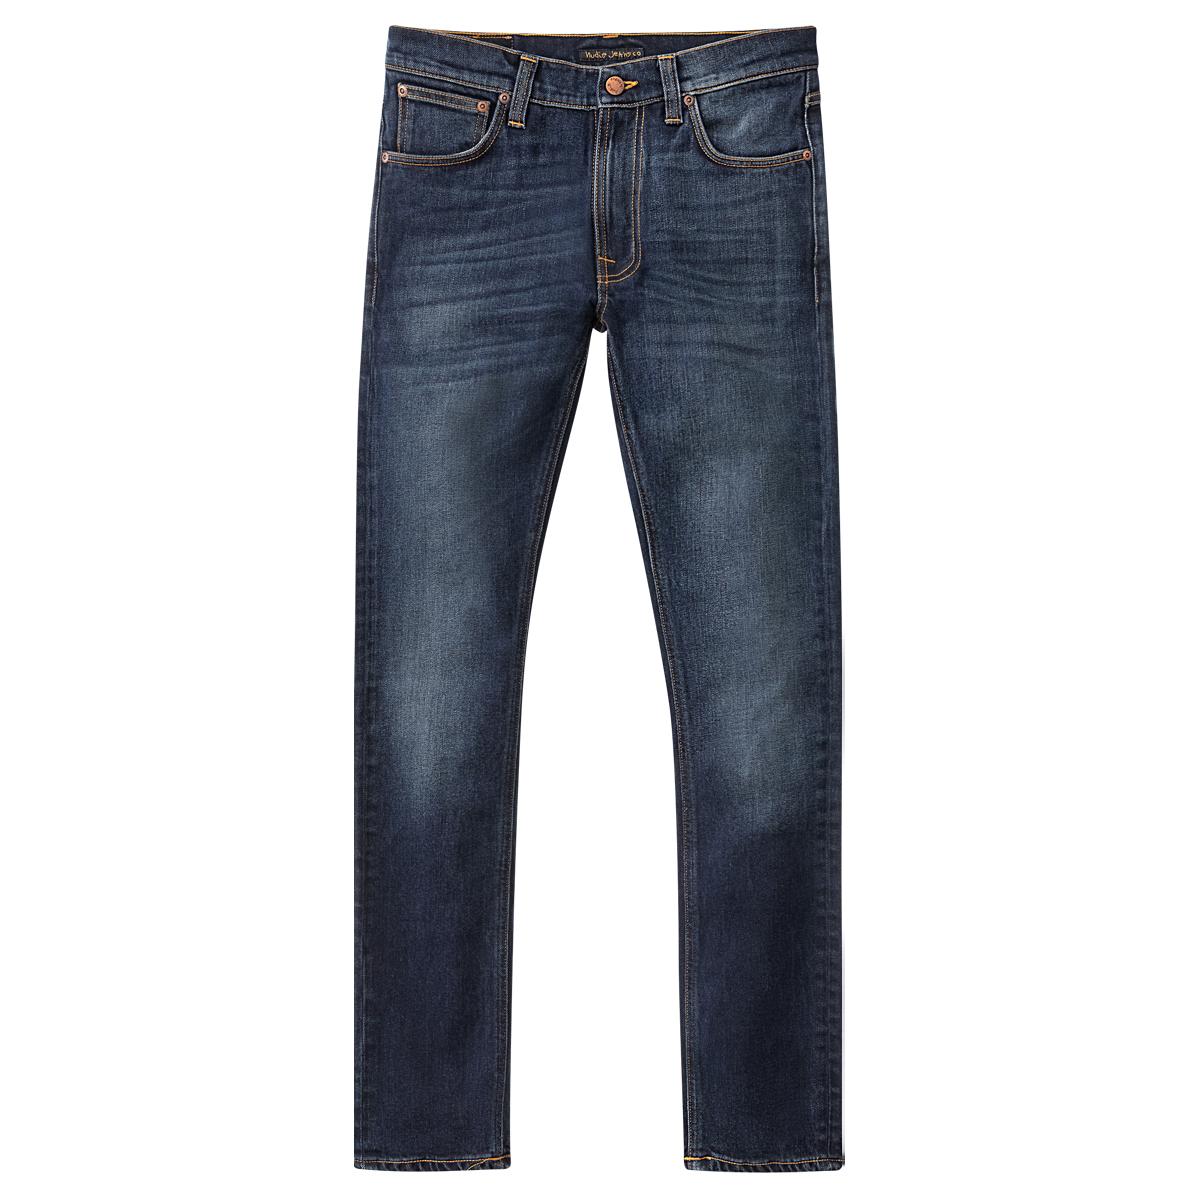 Nudie Jeans Co Lean Dean Ink Navy L32